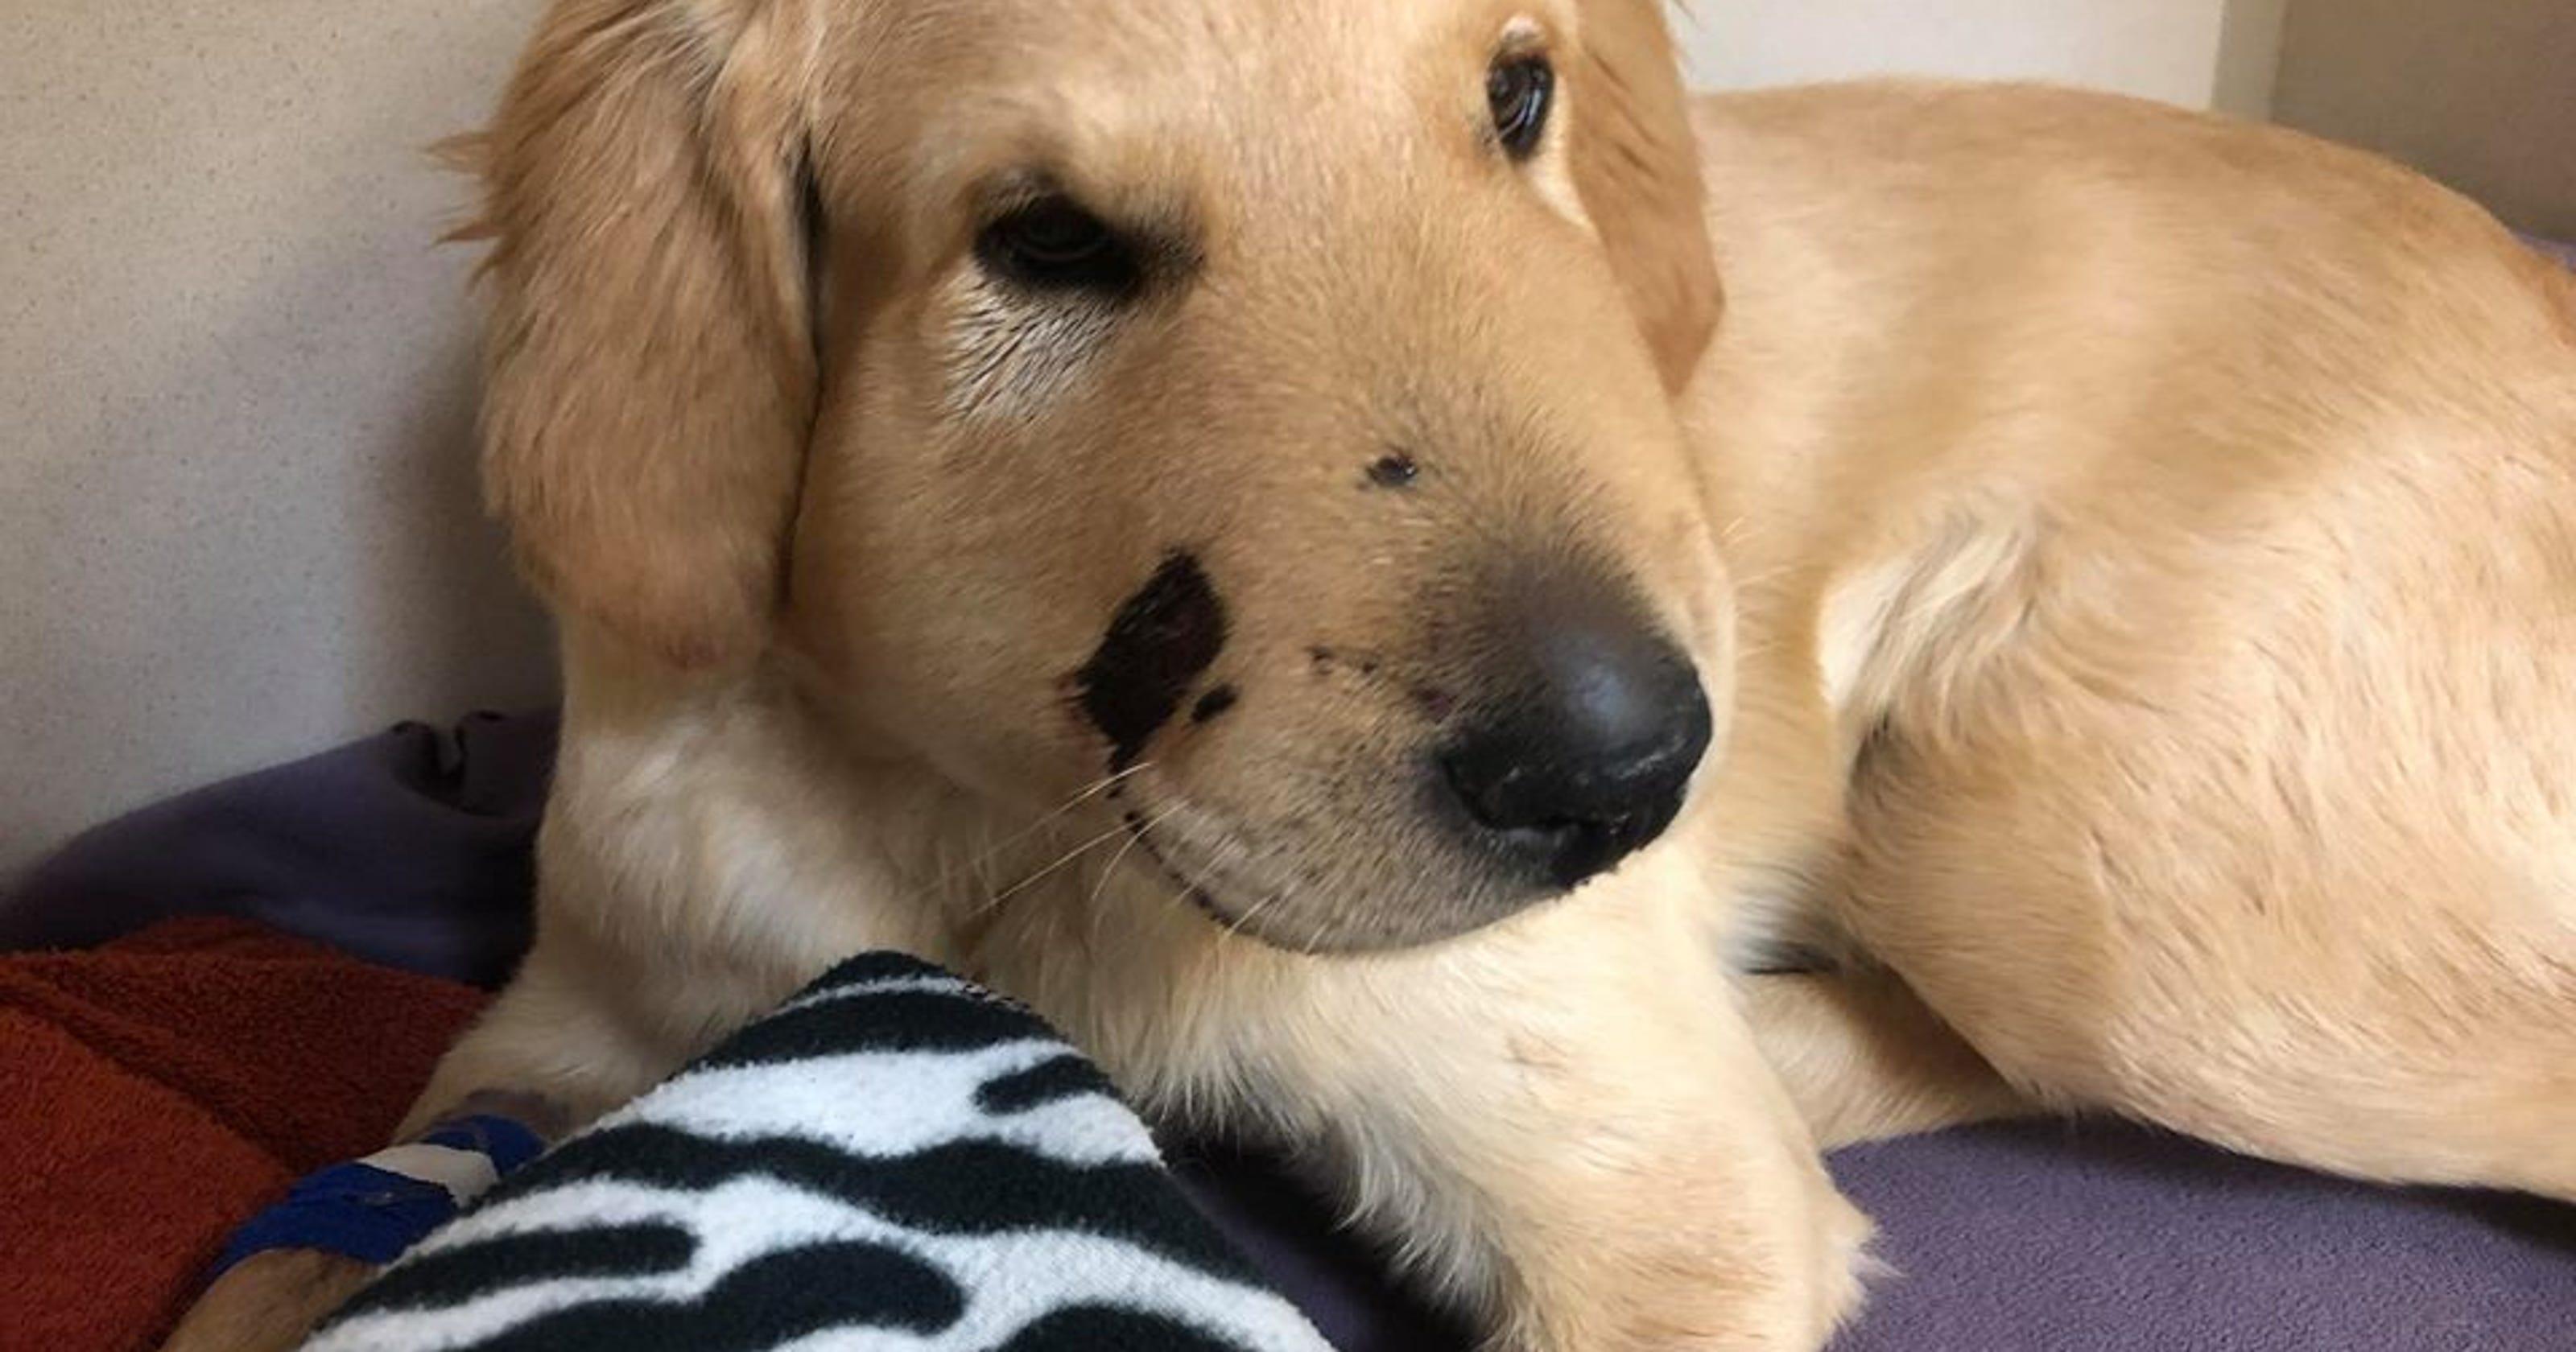 Dog bitten by rattlesnake called 'hero' for saving owner in